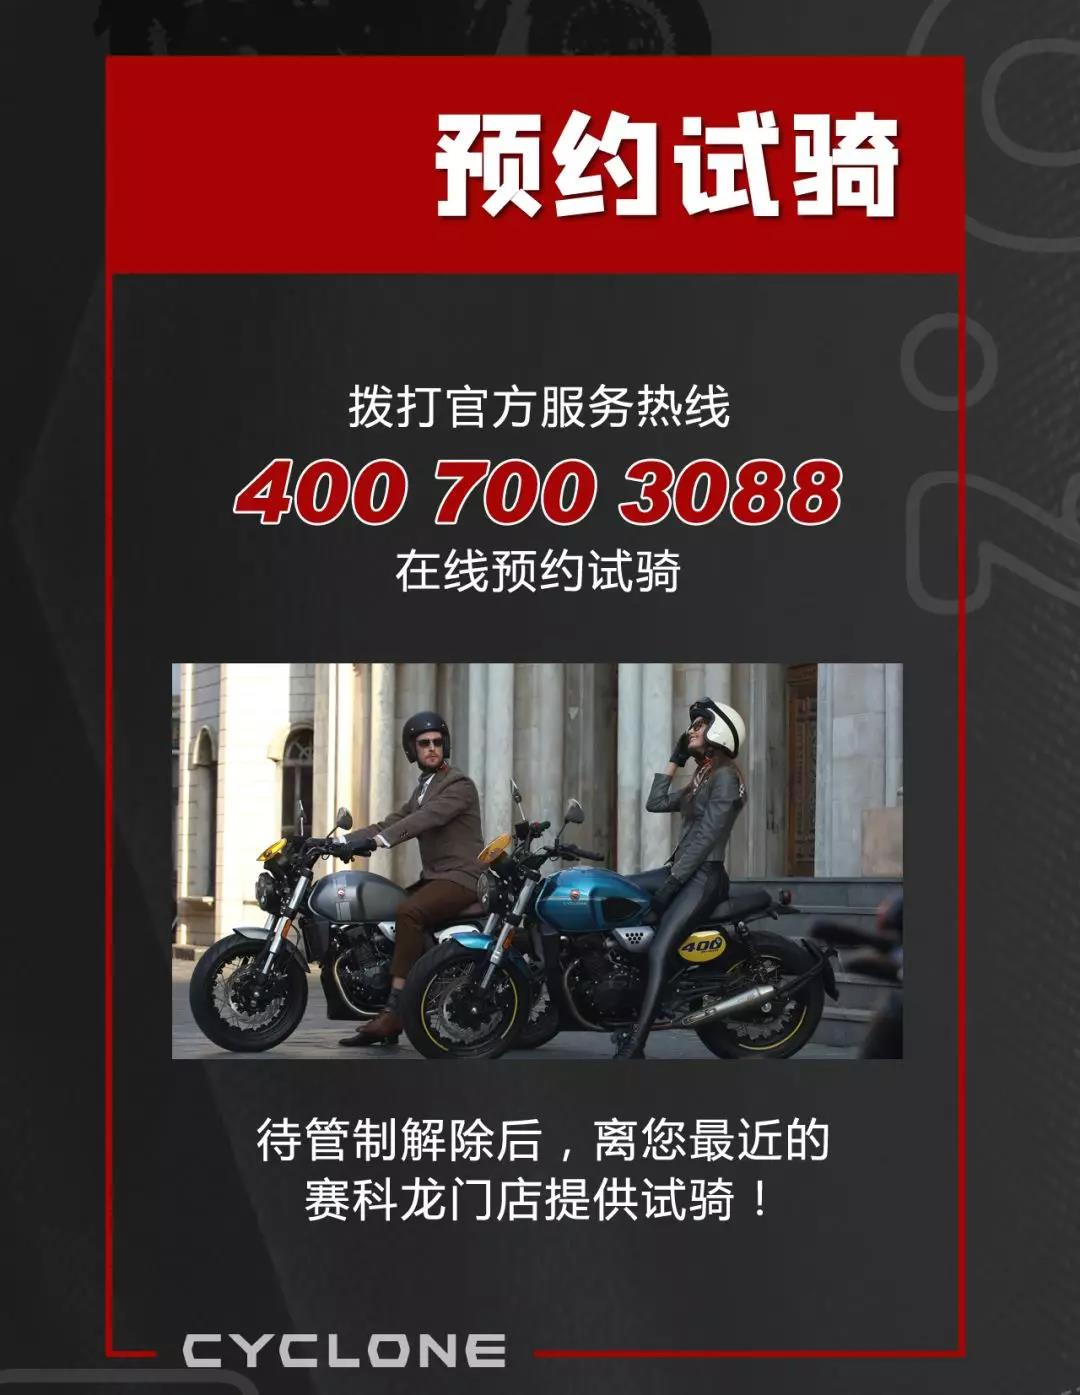 微信图片_20200217191242.jpg